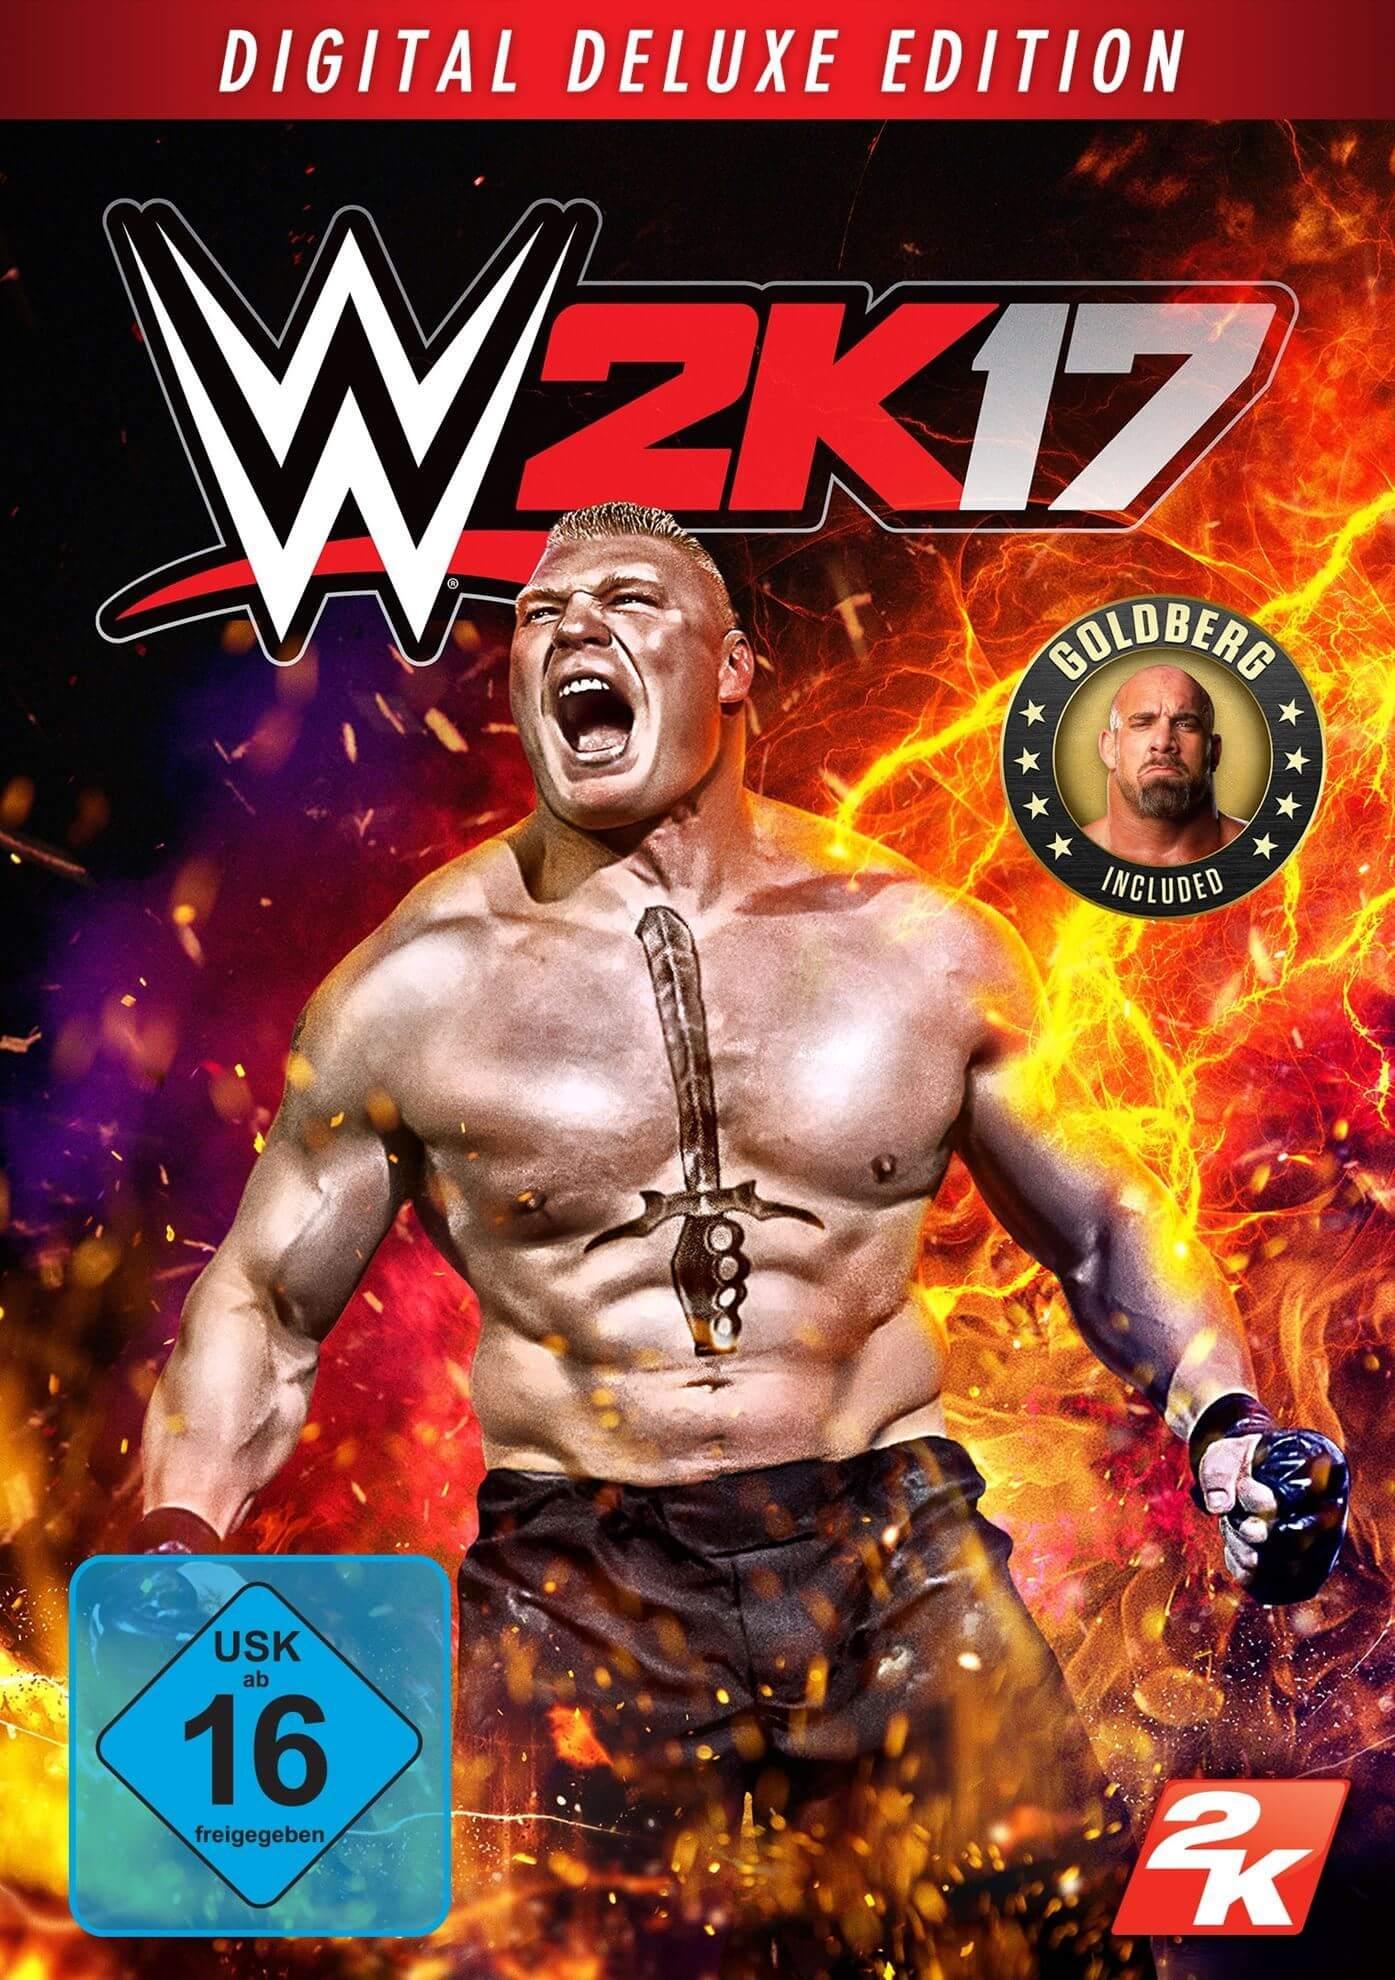 WWE 2K17 Digital Deluxe (EU)